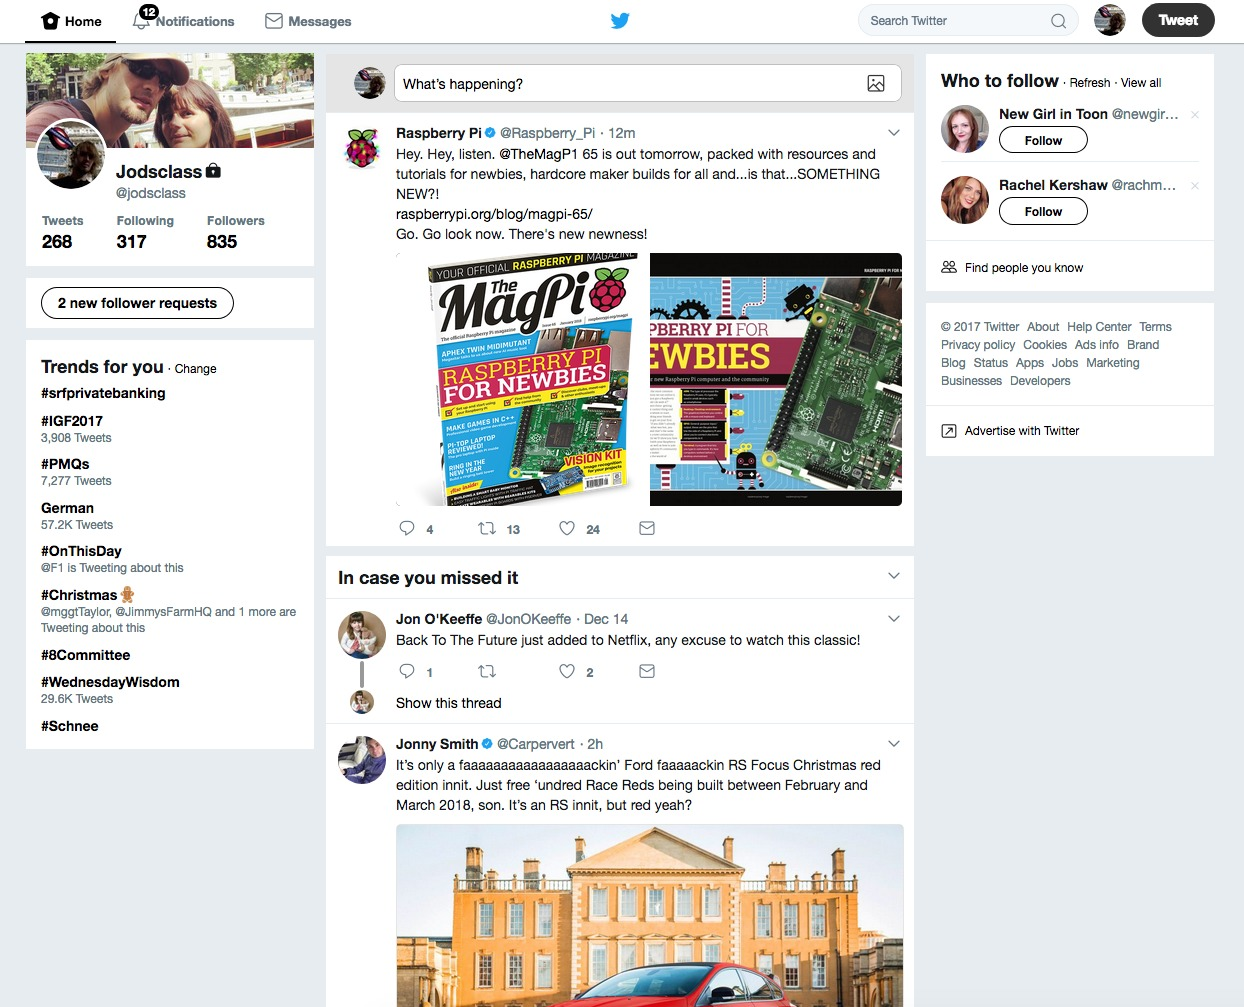 Twitter For Web - Full of noise